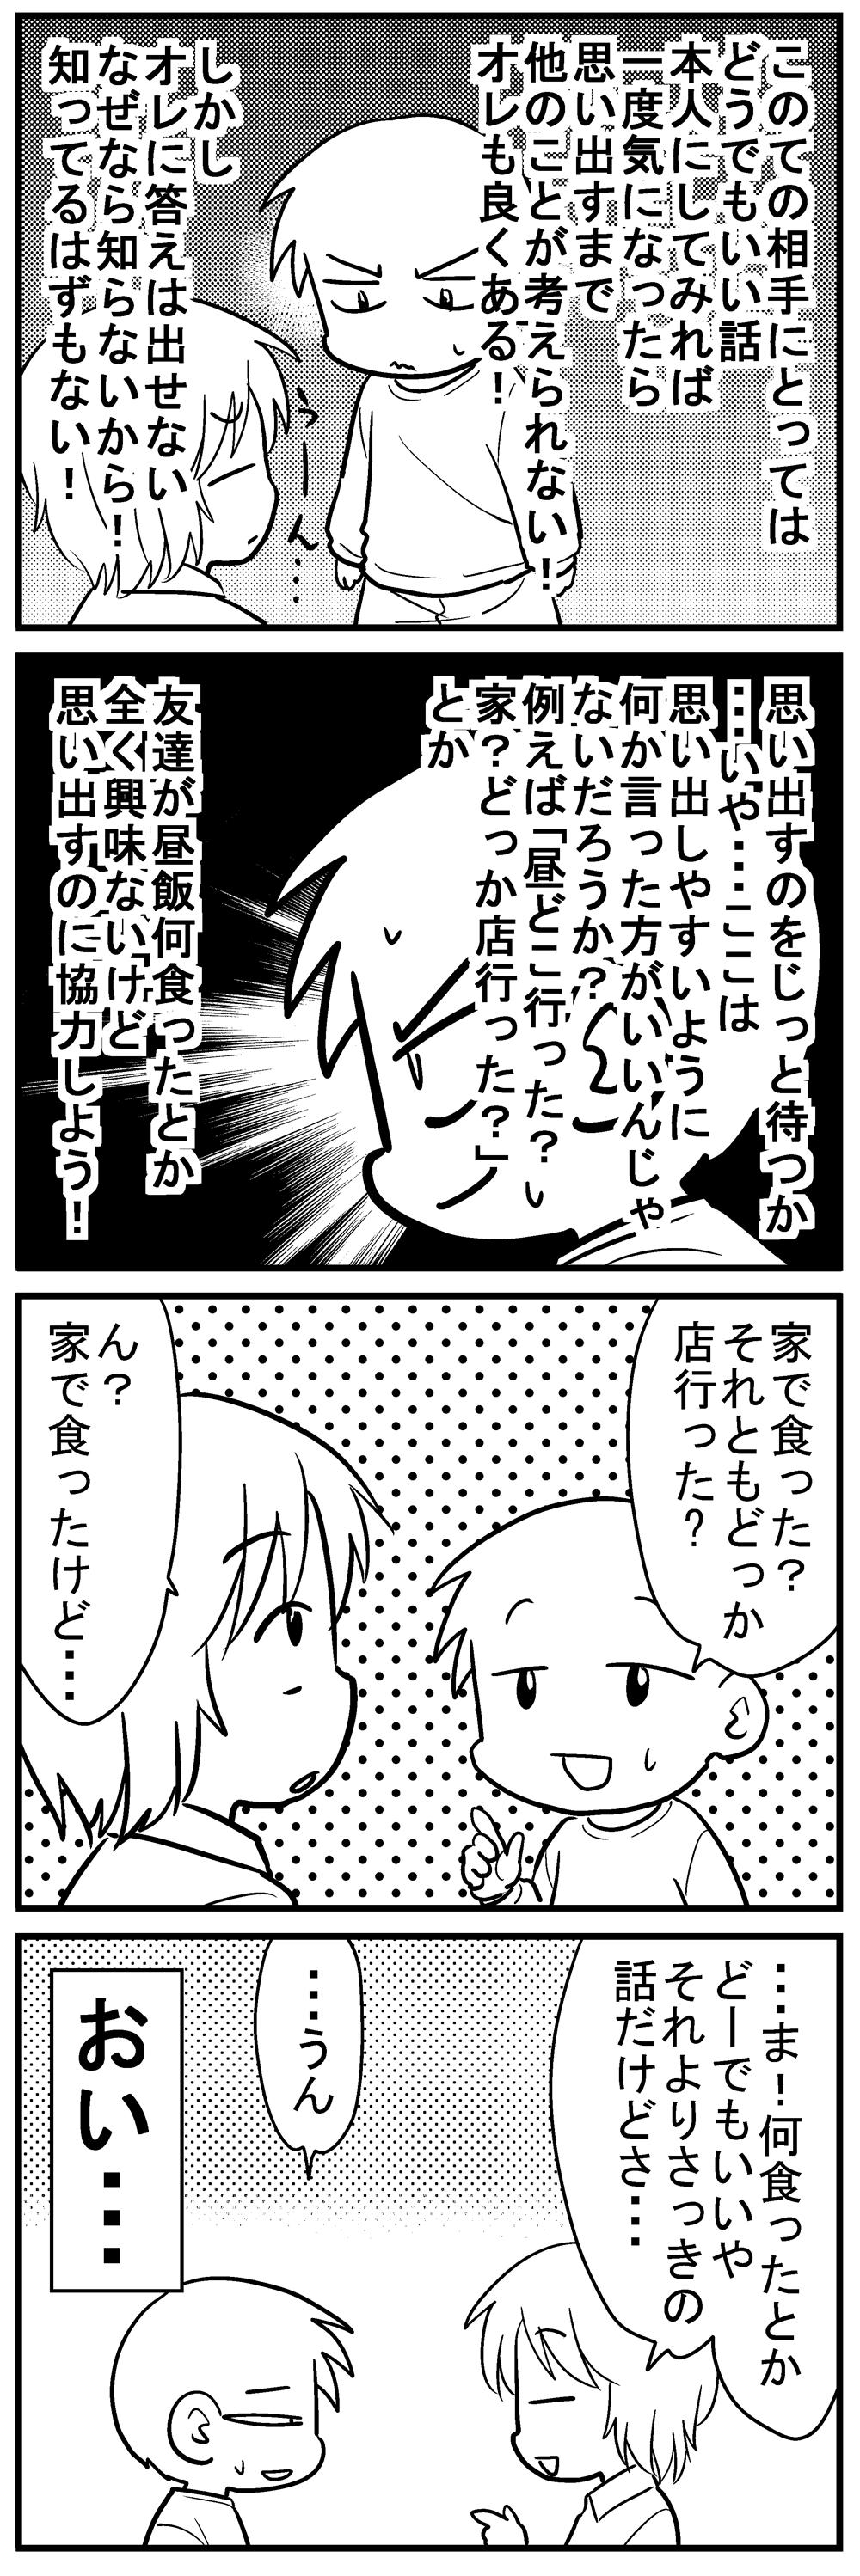 深読みくん132-2